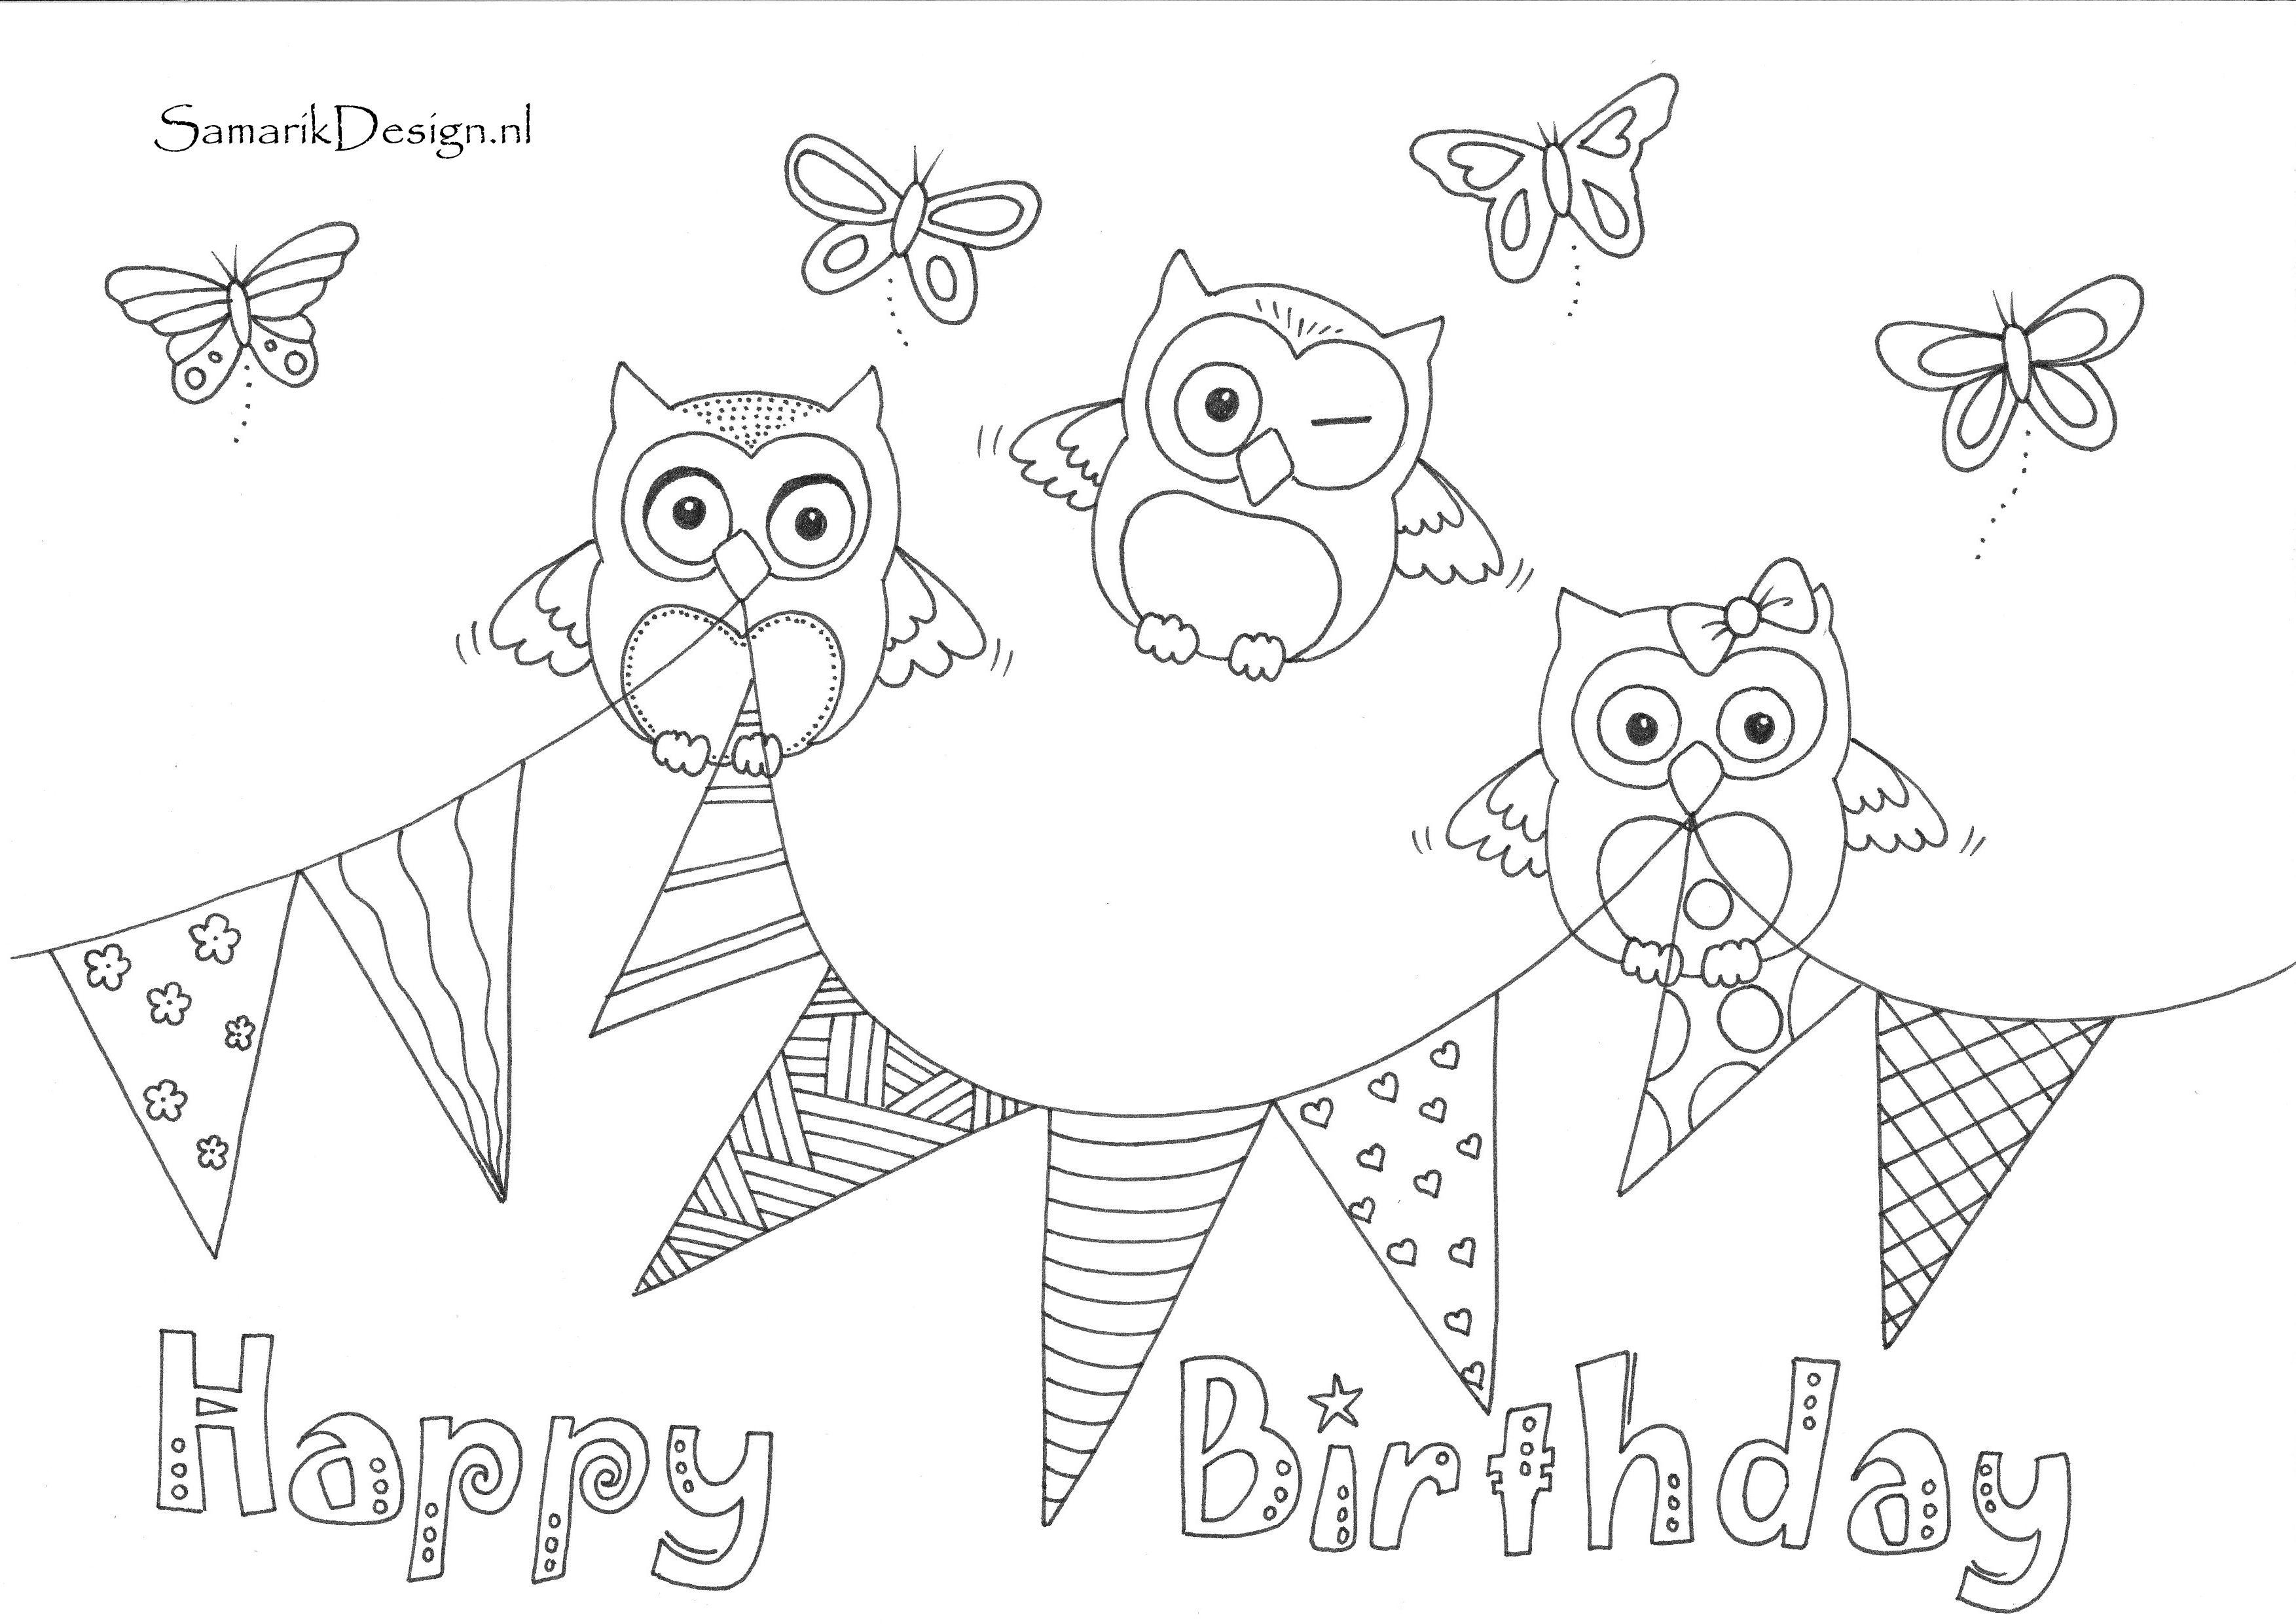 happy birthday verjaardag doodle met afbeeldingen